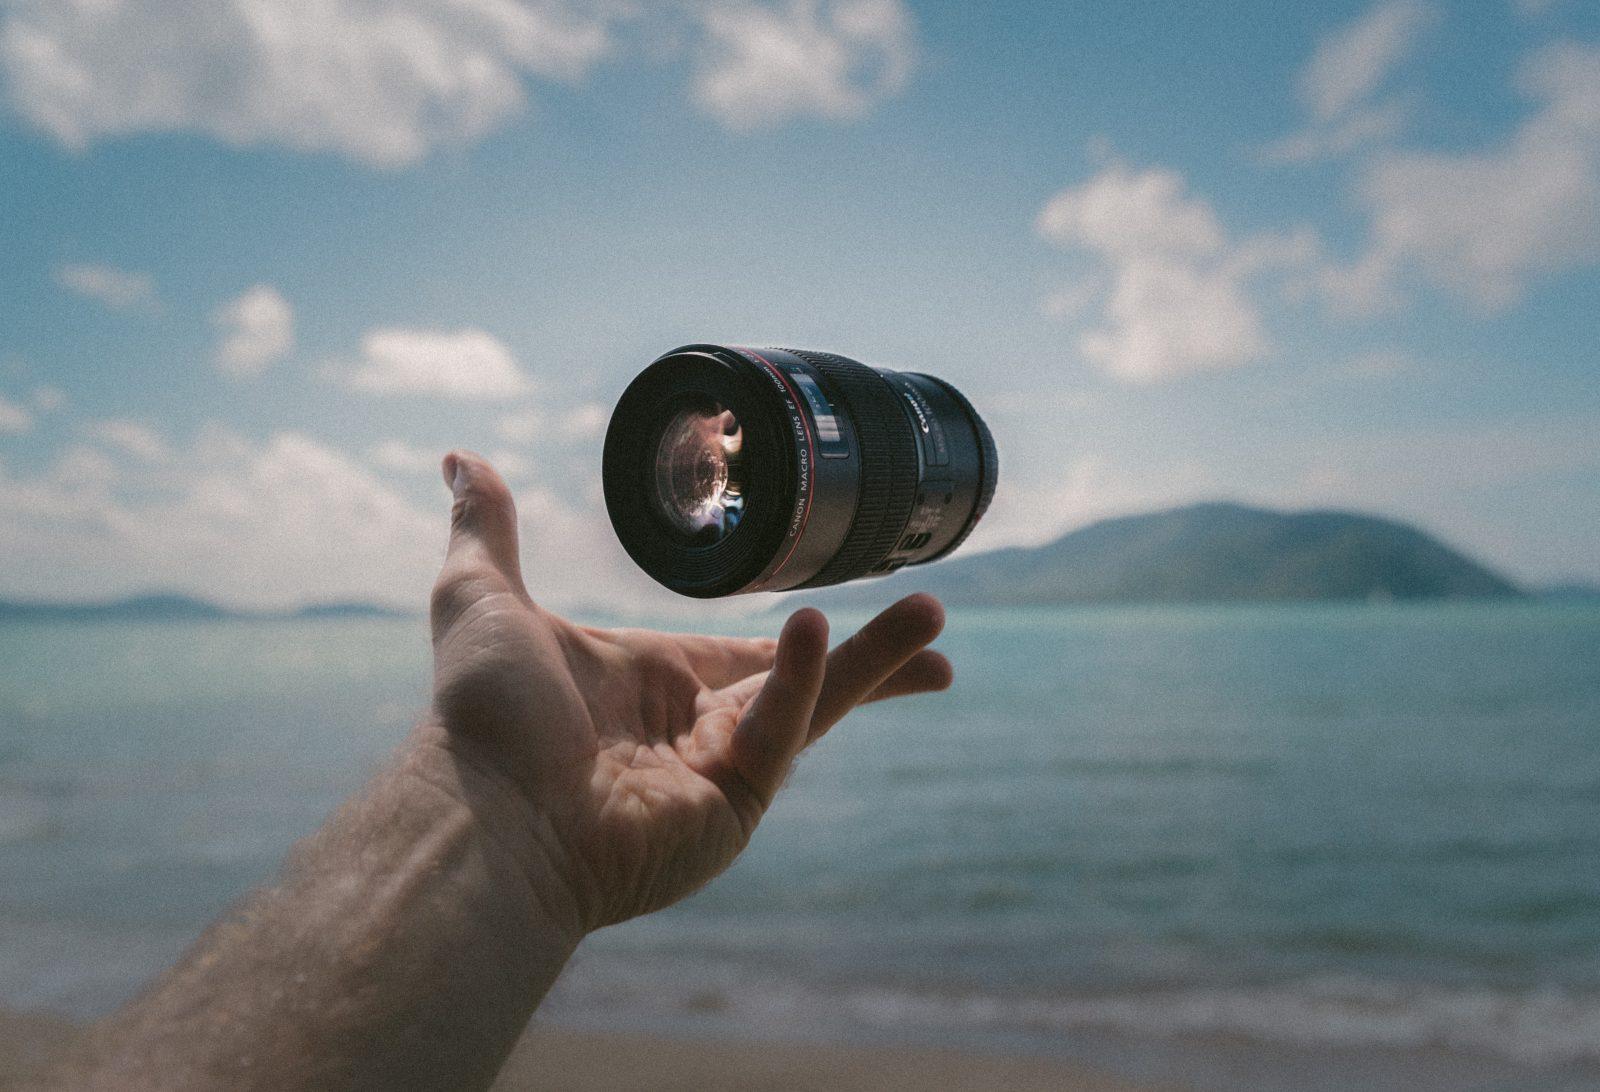 Mejores objetivos para fotografía de viaje